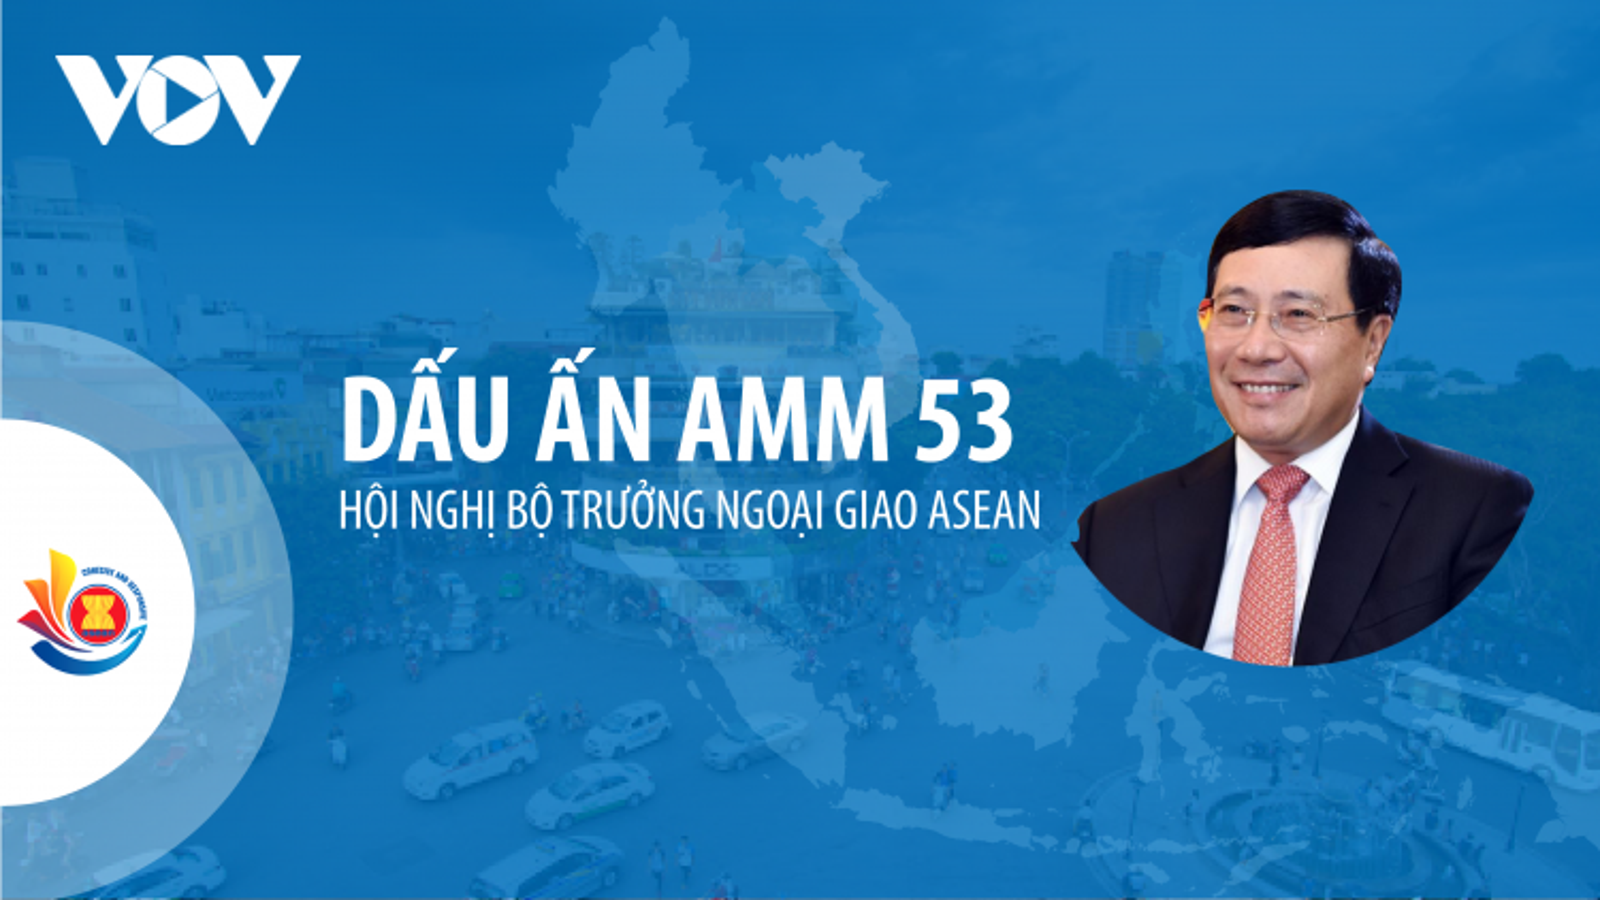 Dấu ấn Hội nghị AMM 53 tại Hà Nội